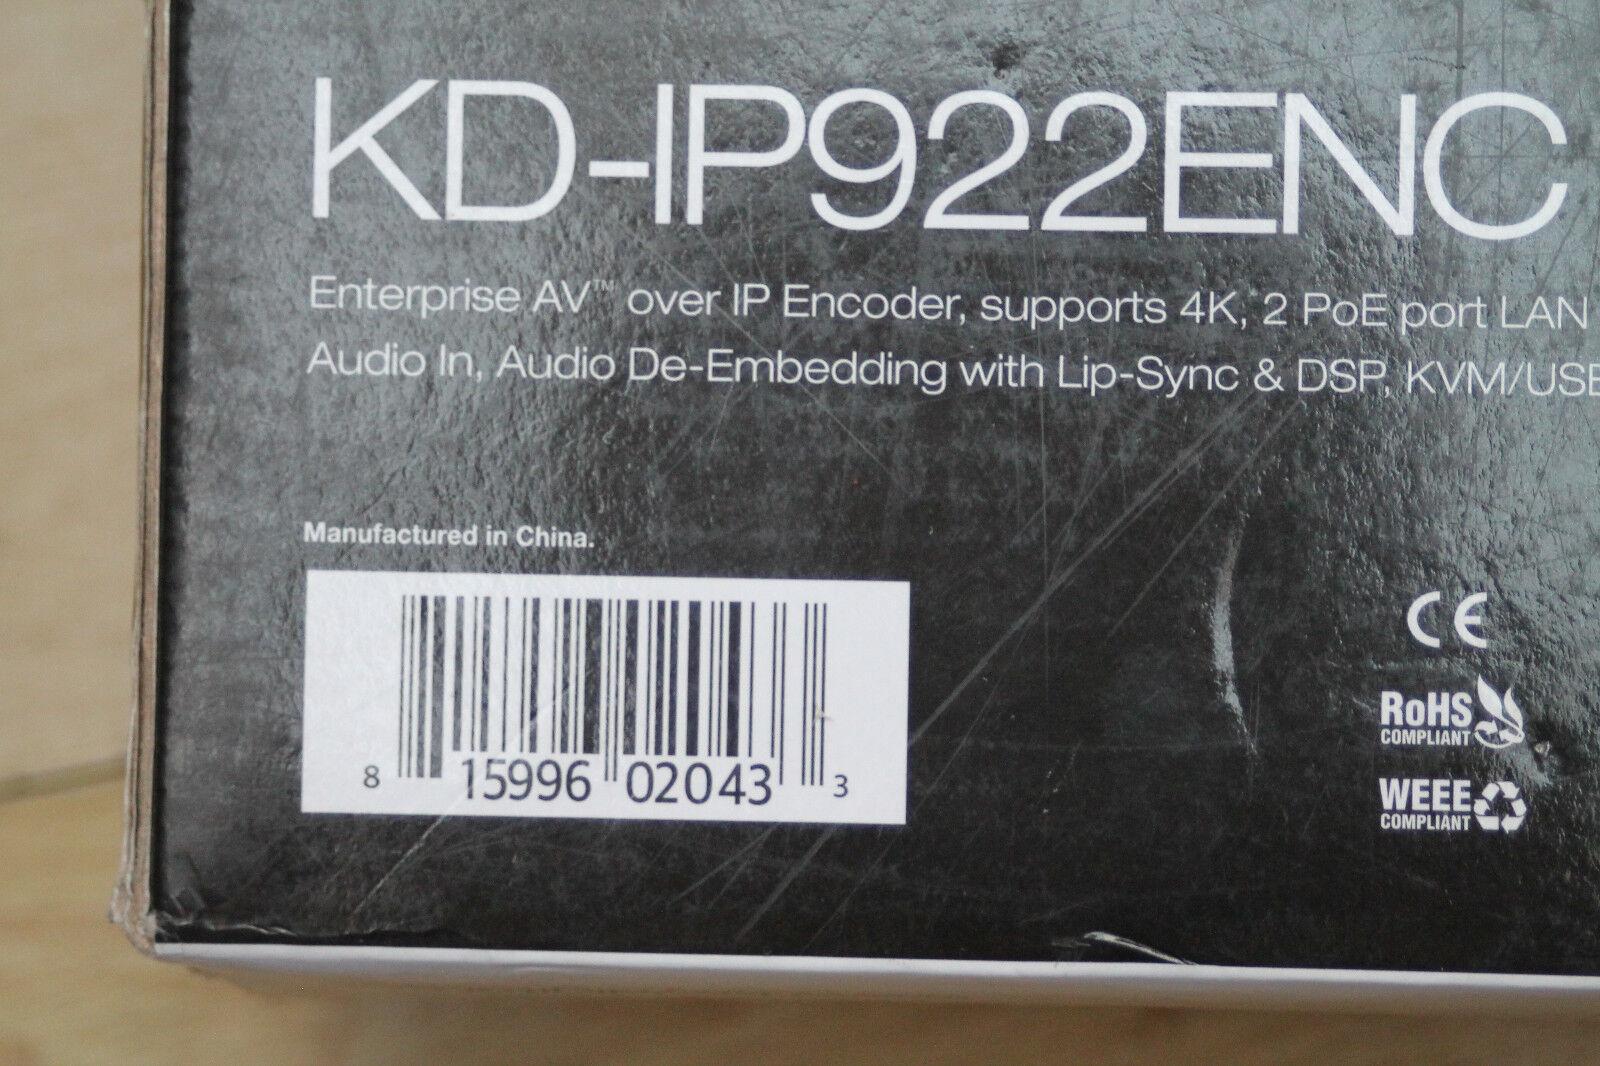 Key digital kd